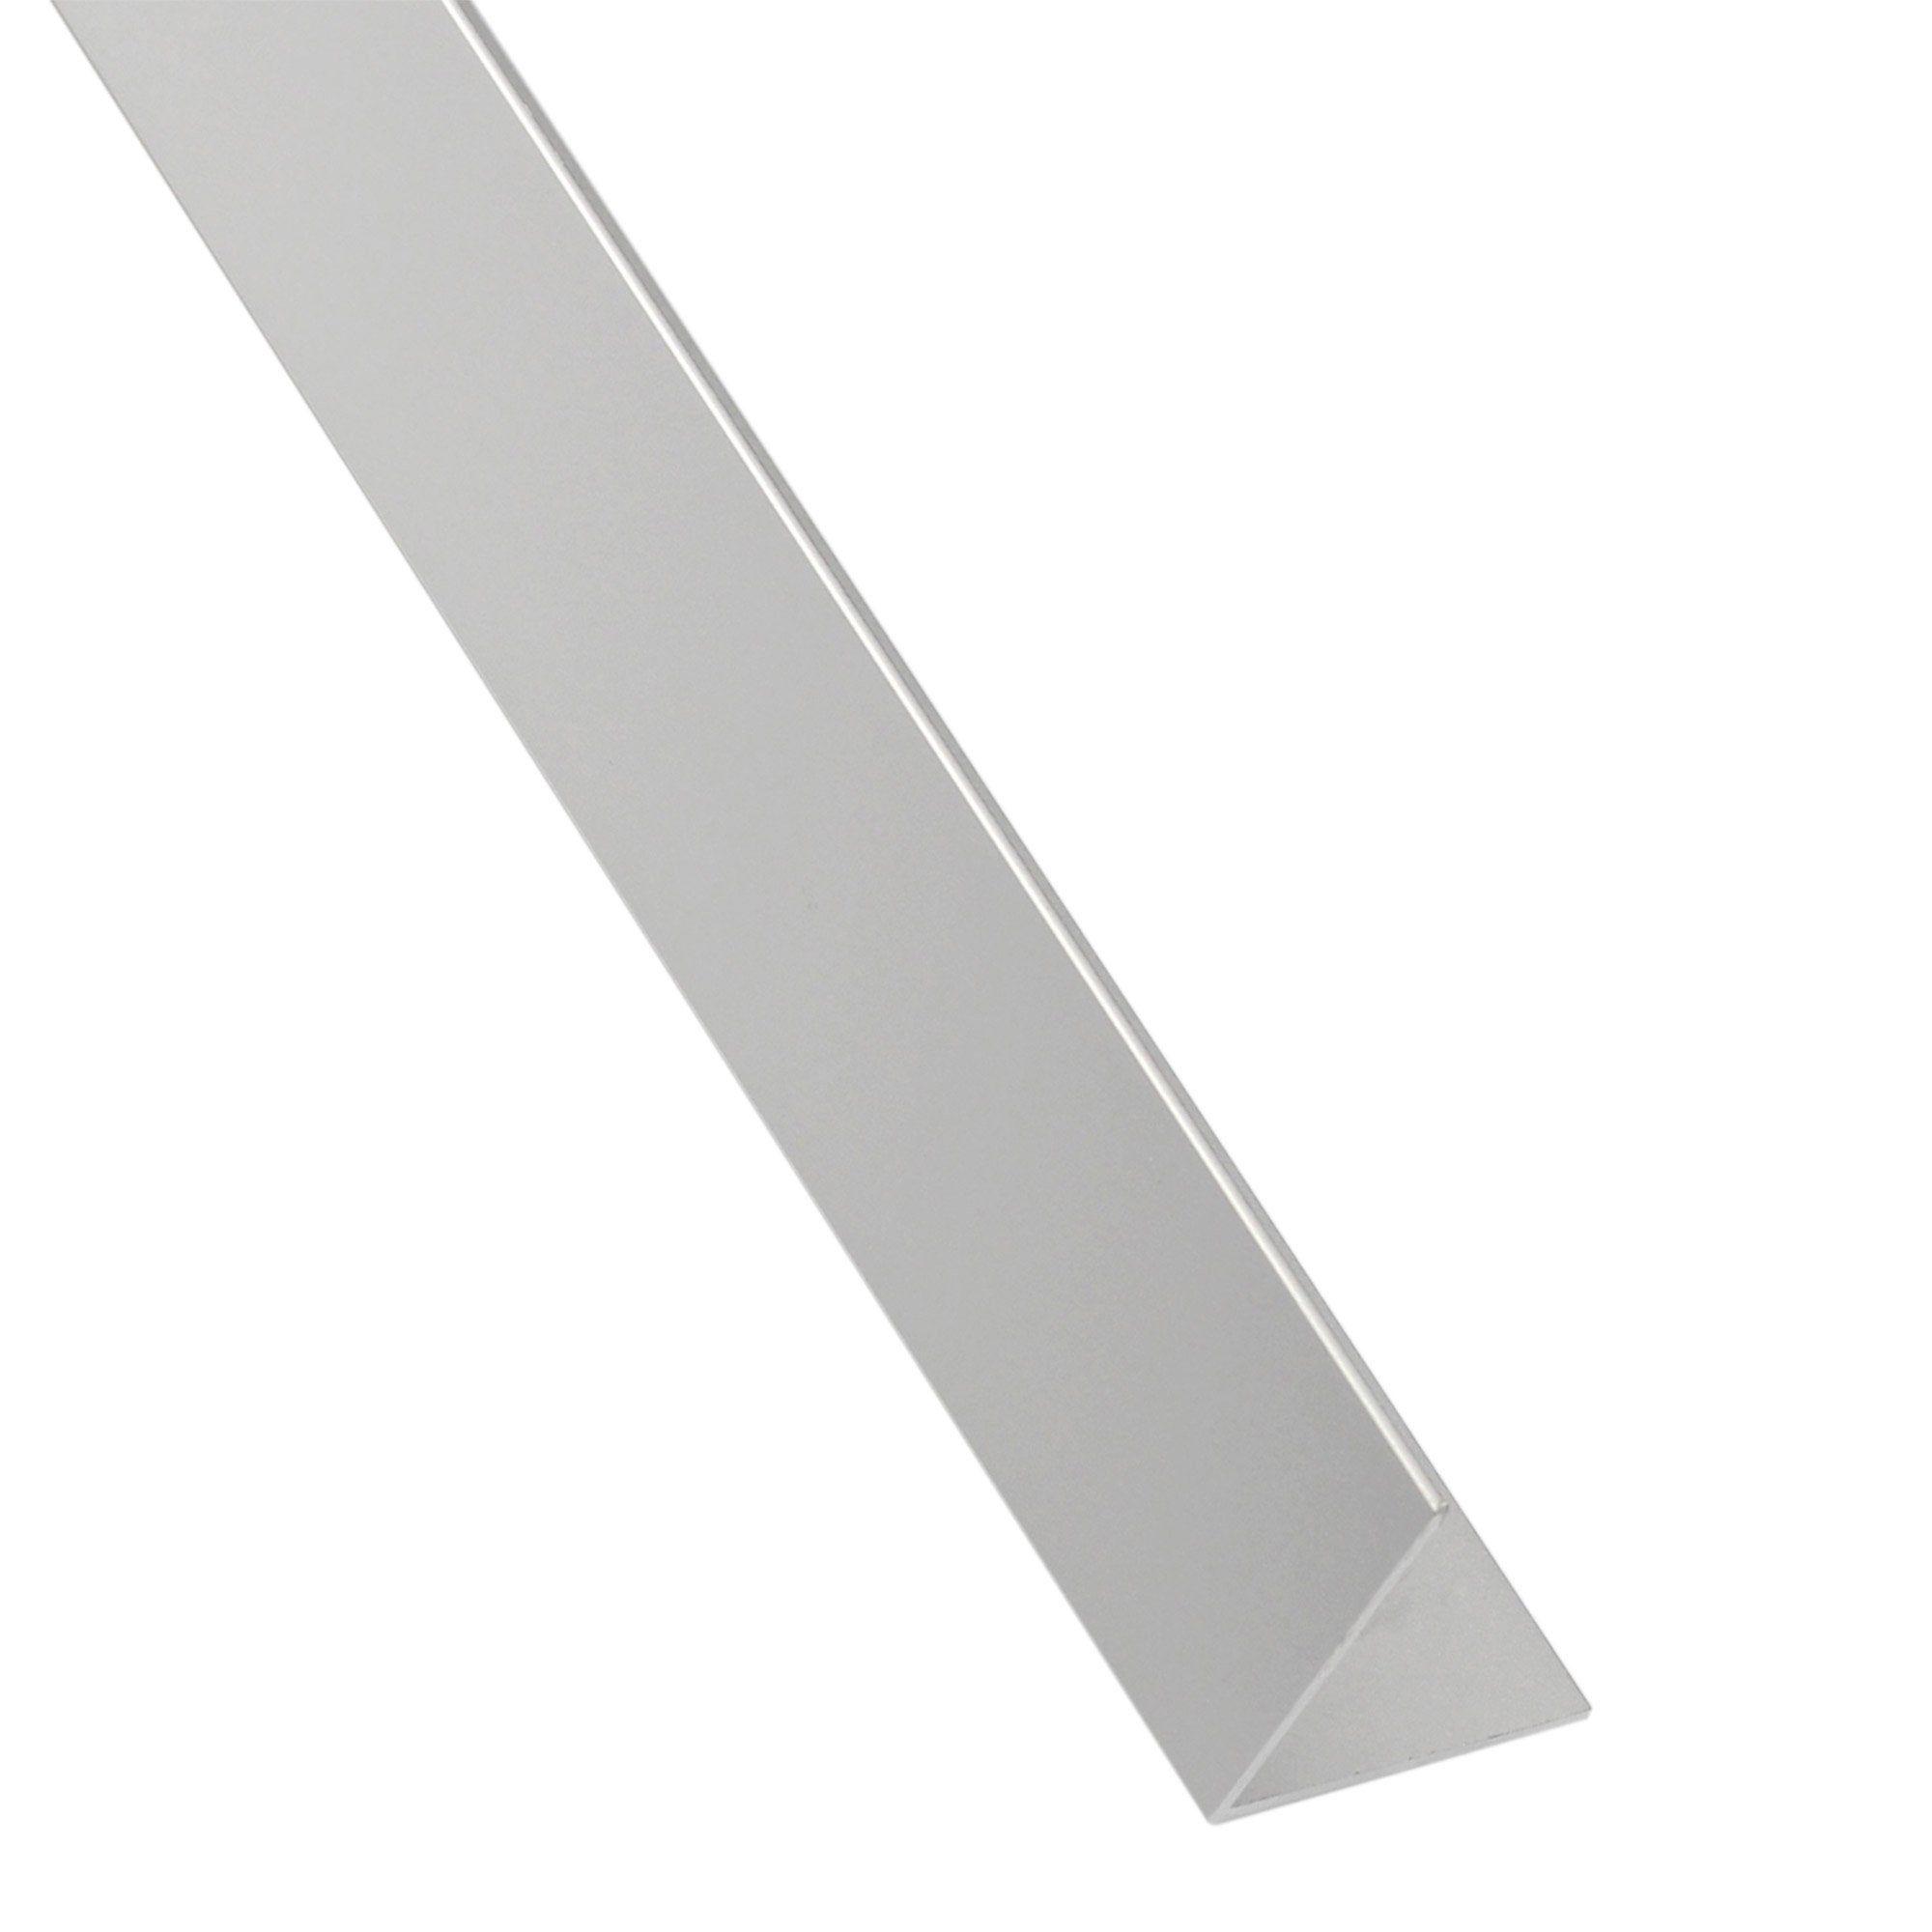 Cornière égale Aluminium Anodisé Brillant L26 M X L195